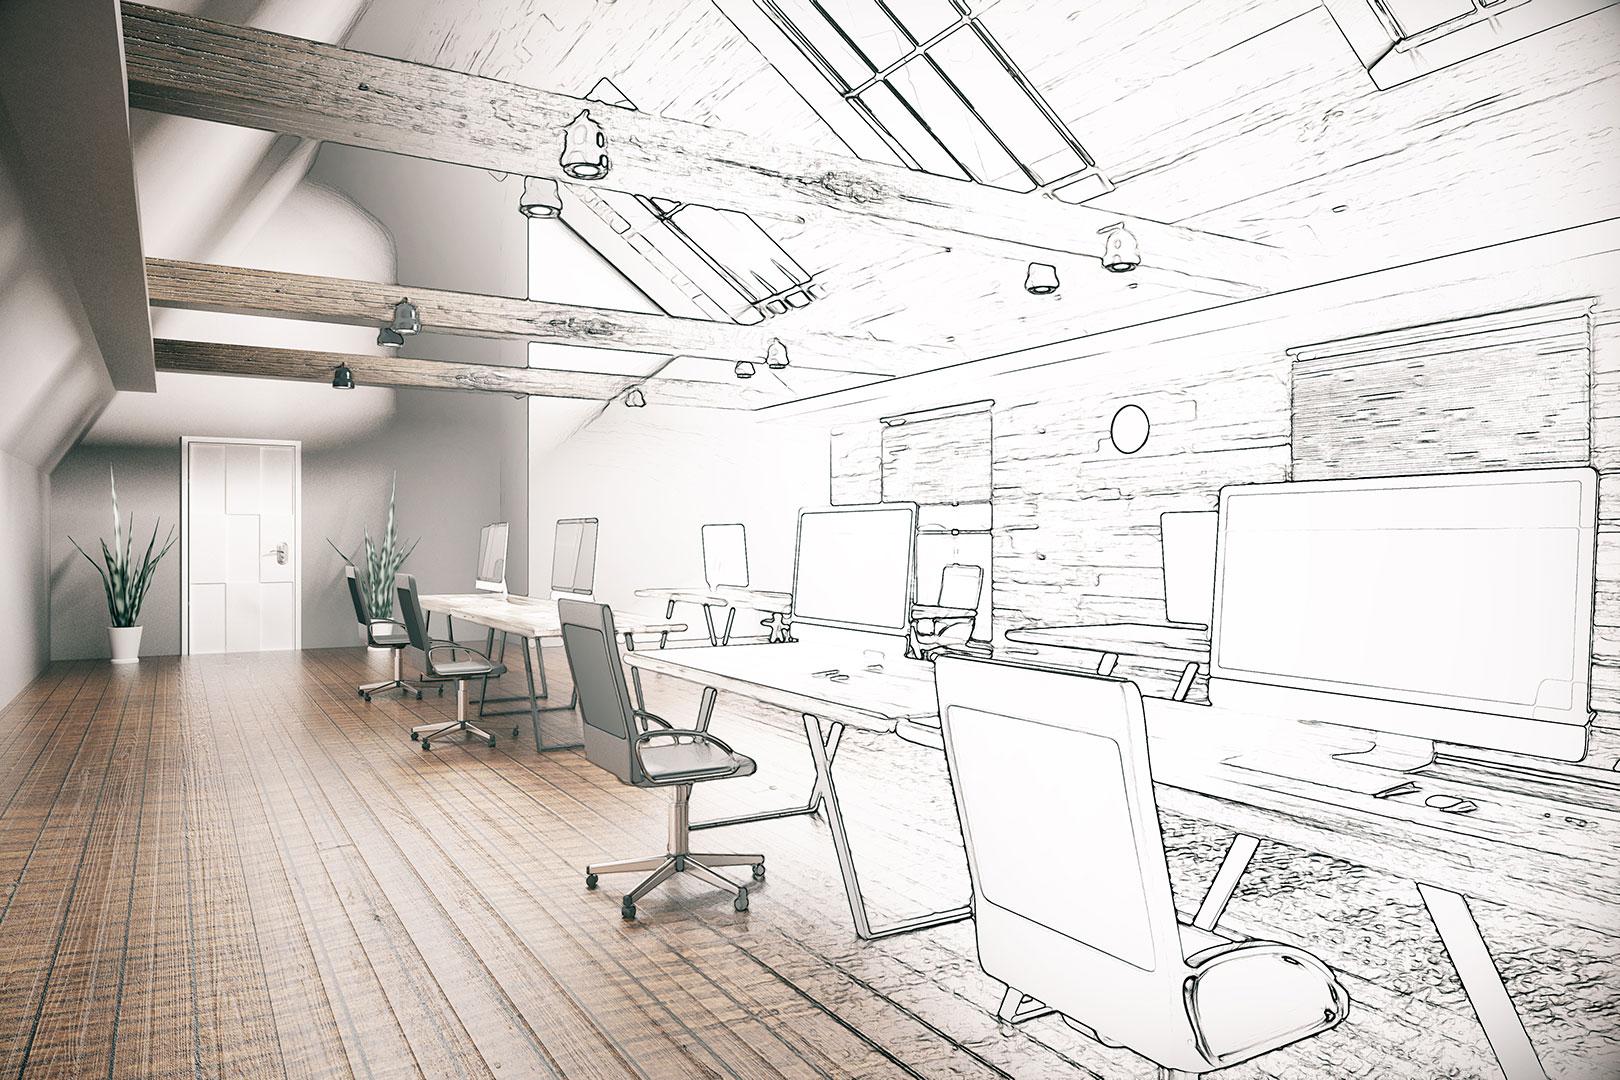 Tetőtéri otthonok: lakberendezési ötletek, hogy jól érezd magad a tetőtérben!